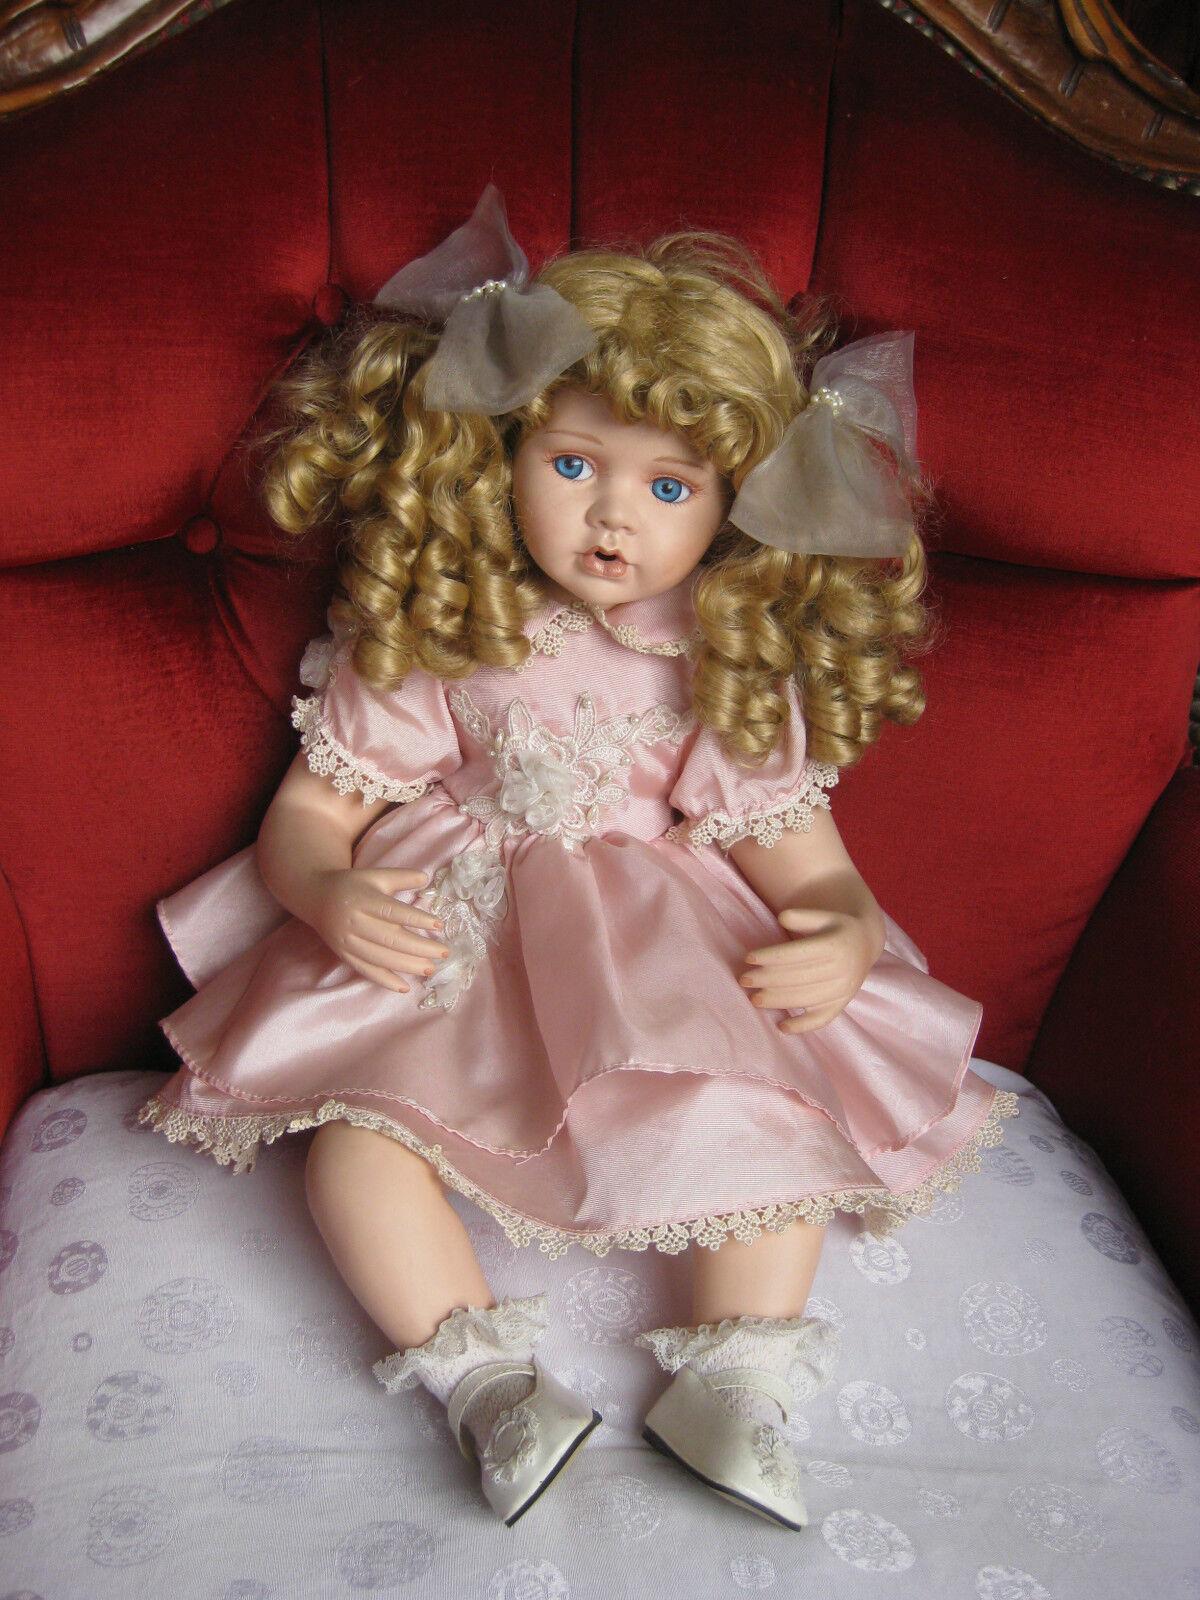 Sammlerpuppe   Court of Dolls   limitiert  Top Zustand